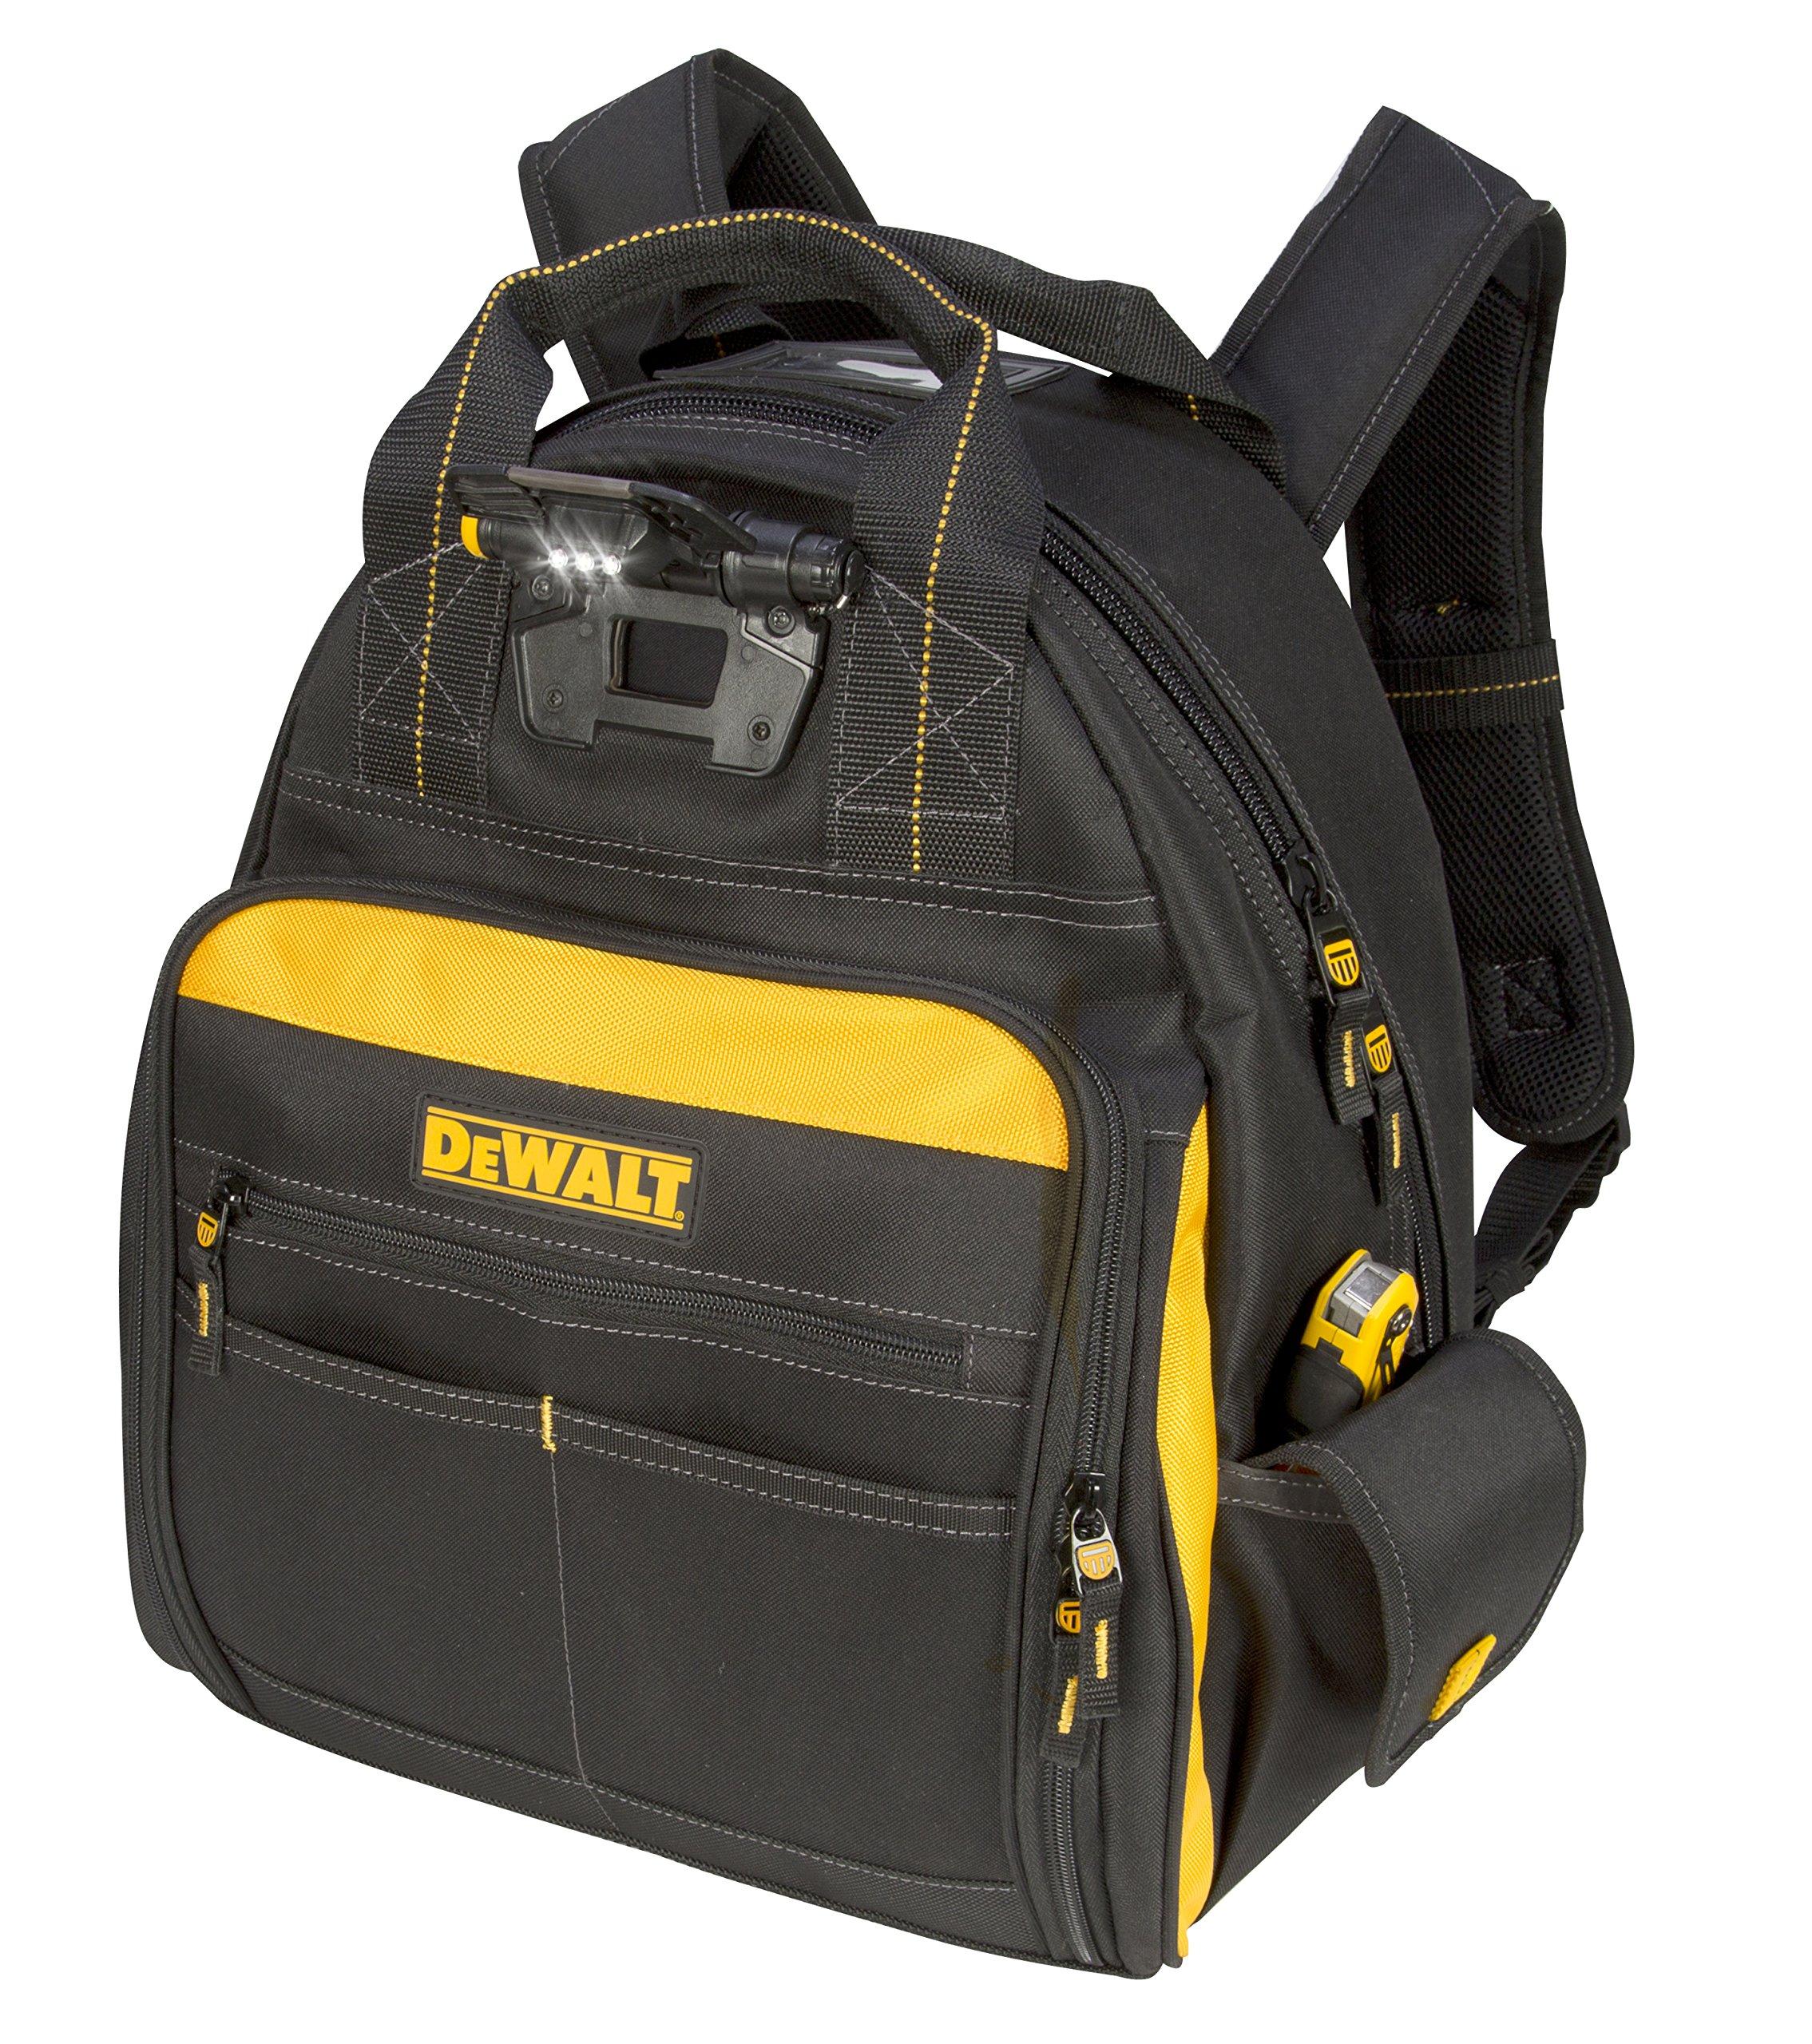 DEWALT DGL523 Lighted Tool Backpack Bag, 57-Pockets by DEWALT